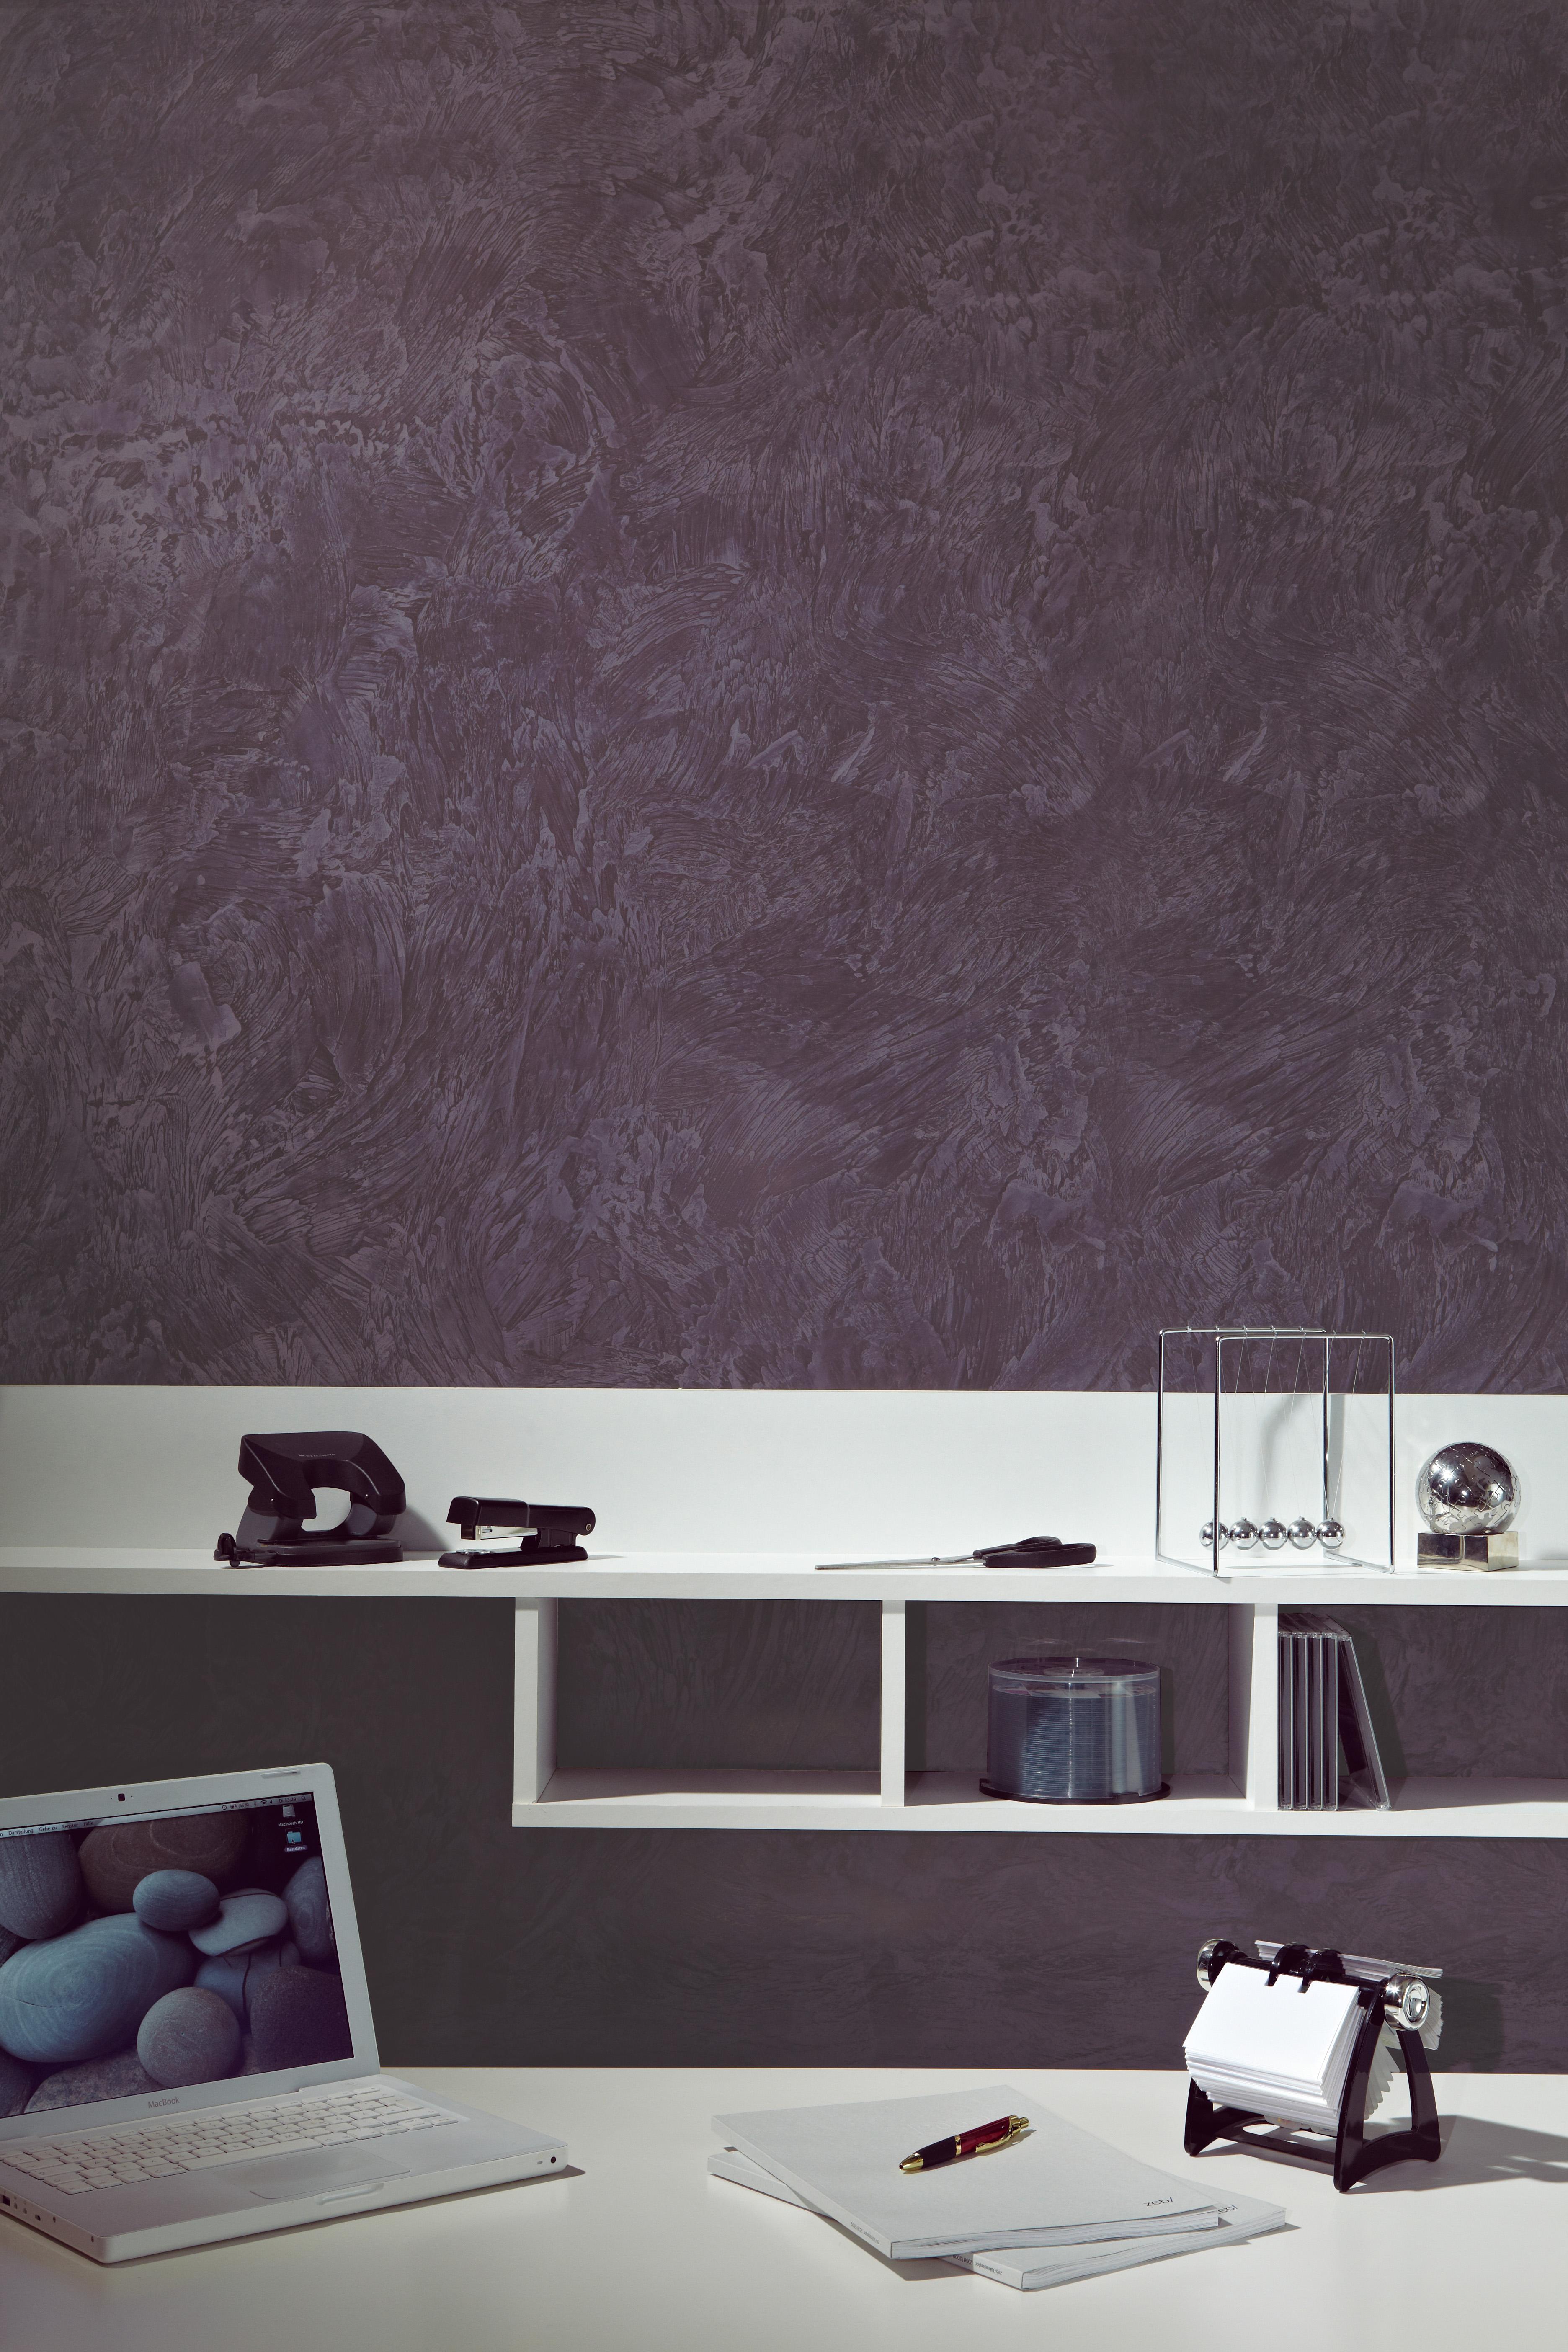 Beton Optik Ist Eine Außergewöhnliche Wandgestaltung, Die Durch Ihre  Zurückhaltung Besticht.